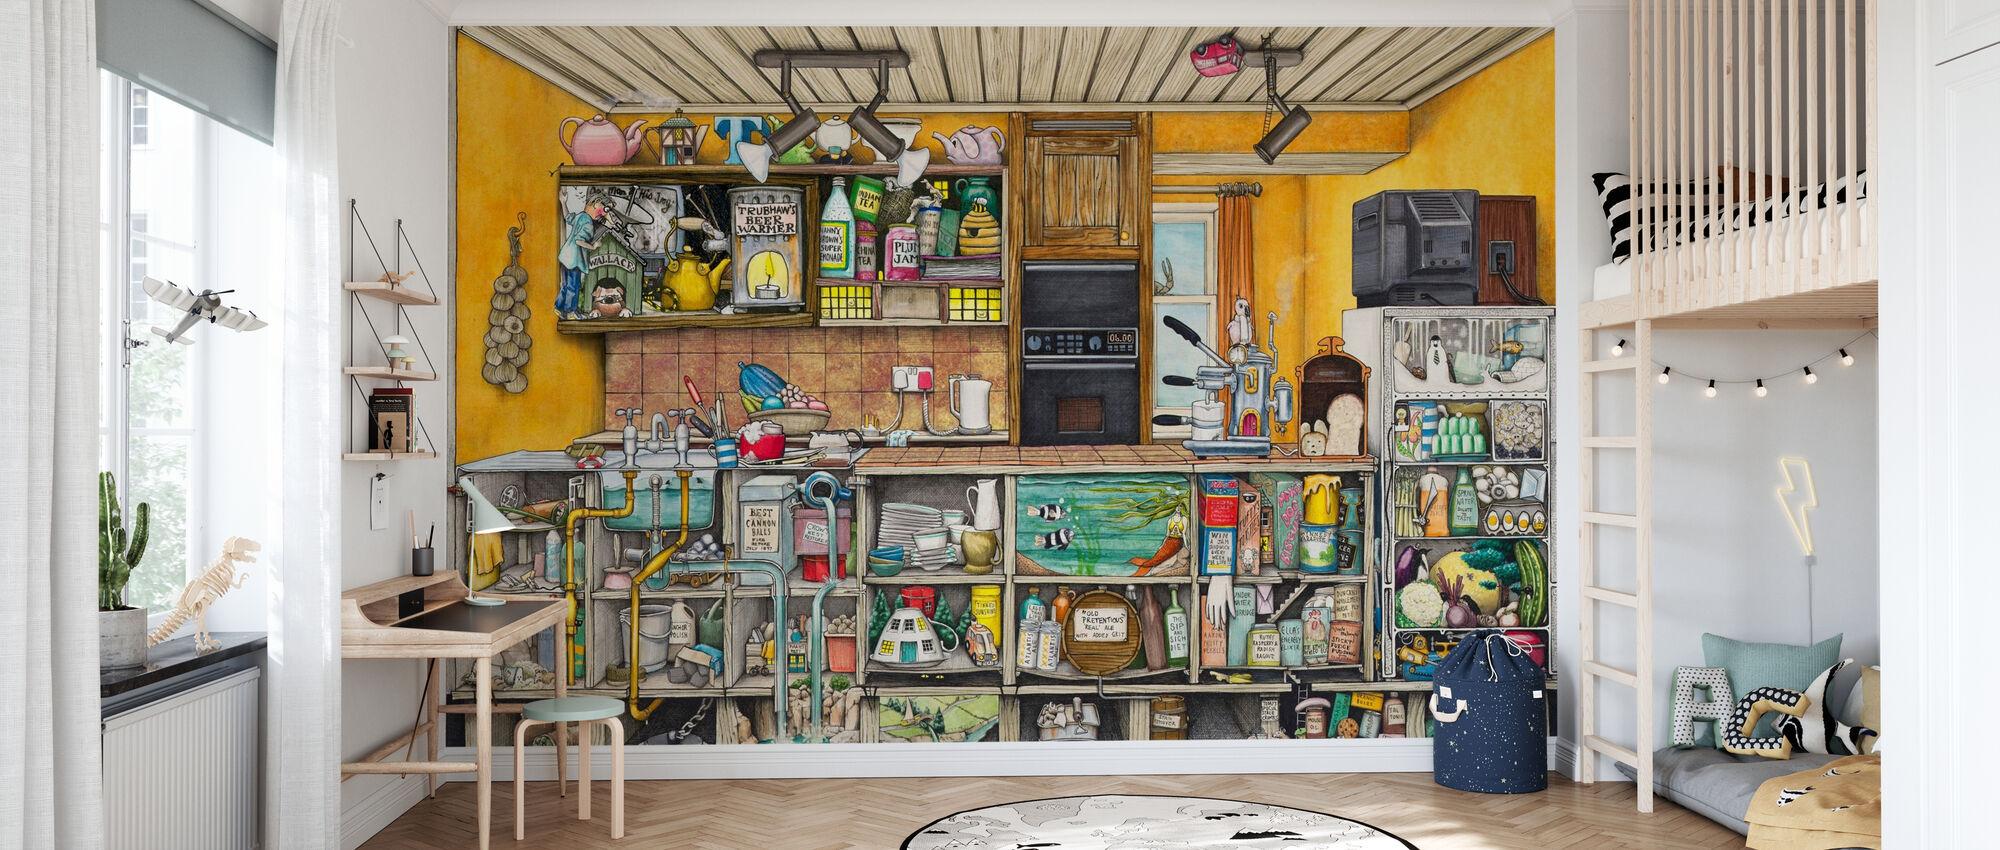 Die Küche - Tapete - Kinderzimmer